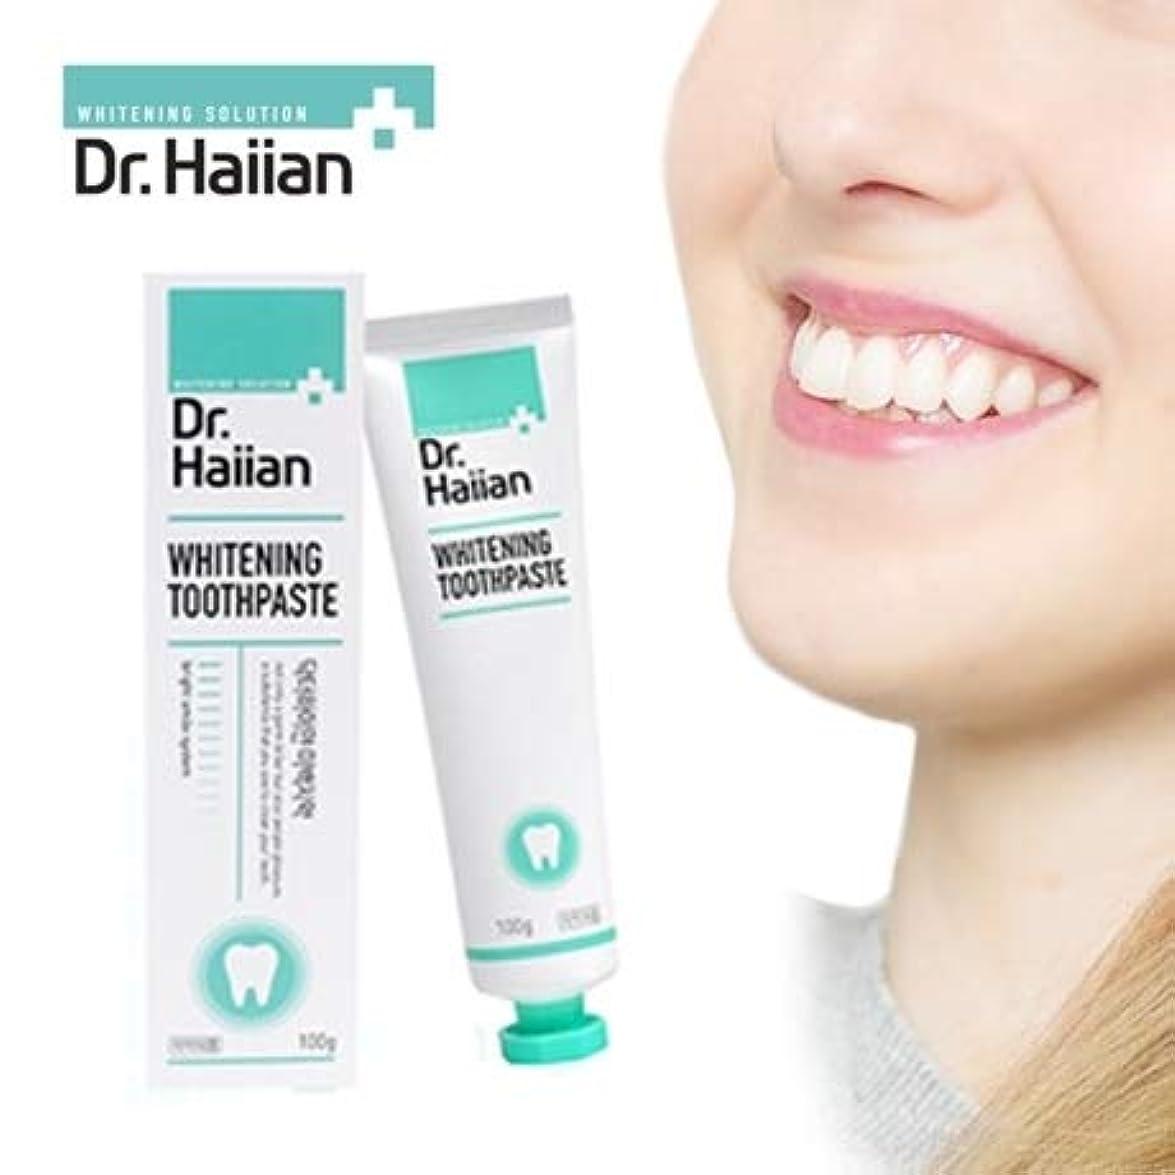 懲戒ムスタチオ倍増Dr.Haiian WHITENING TOOTHPASTE ホワイトニング歯磨き粉 100g,韩国正品